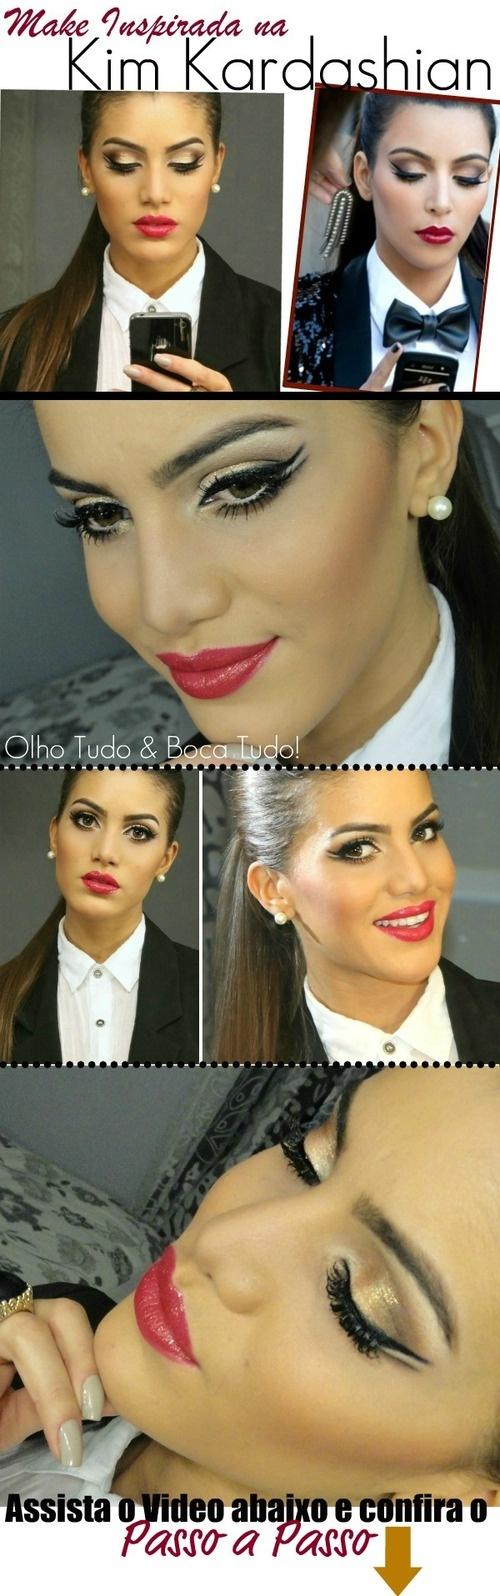 Camila Coelho - my look-a-like :D